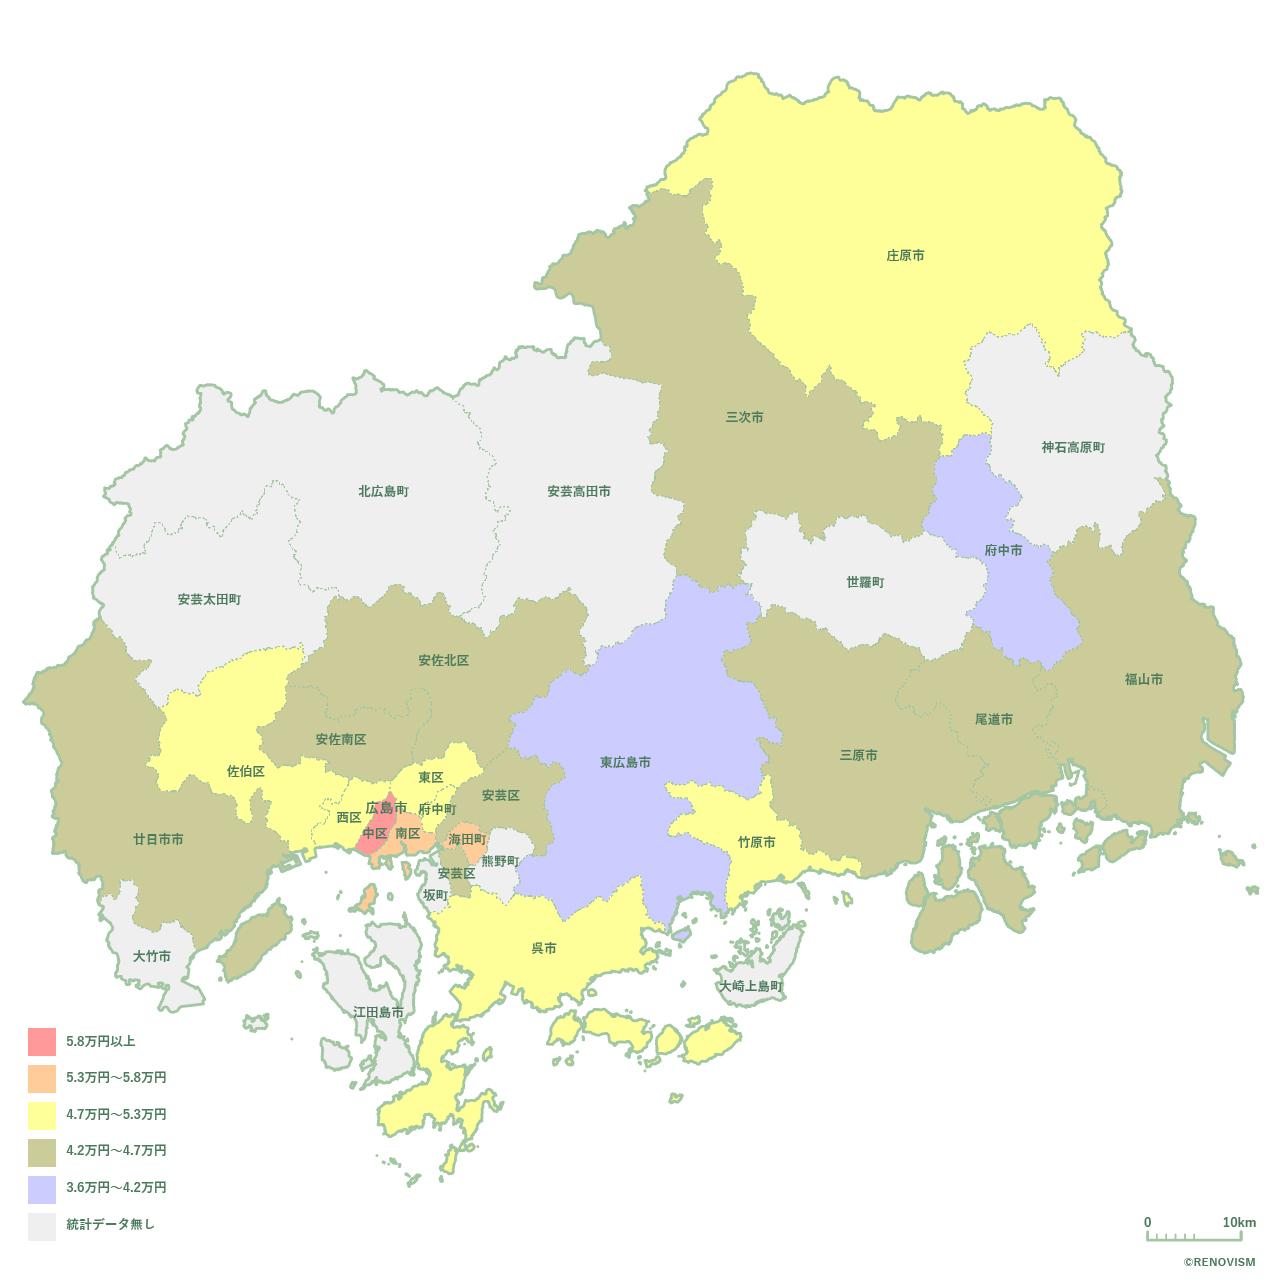 広島県の1LDK家賃相場マップ2020年